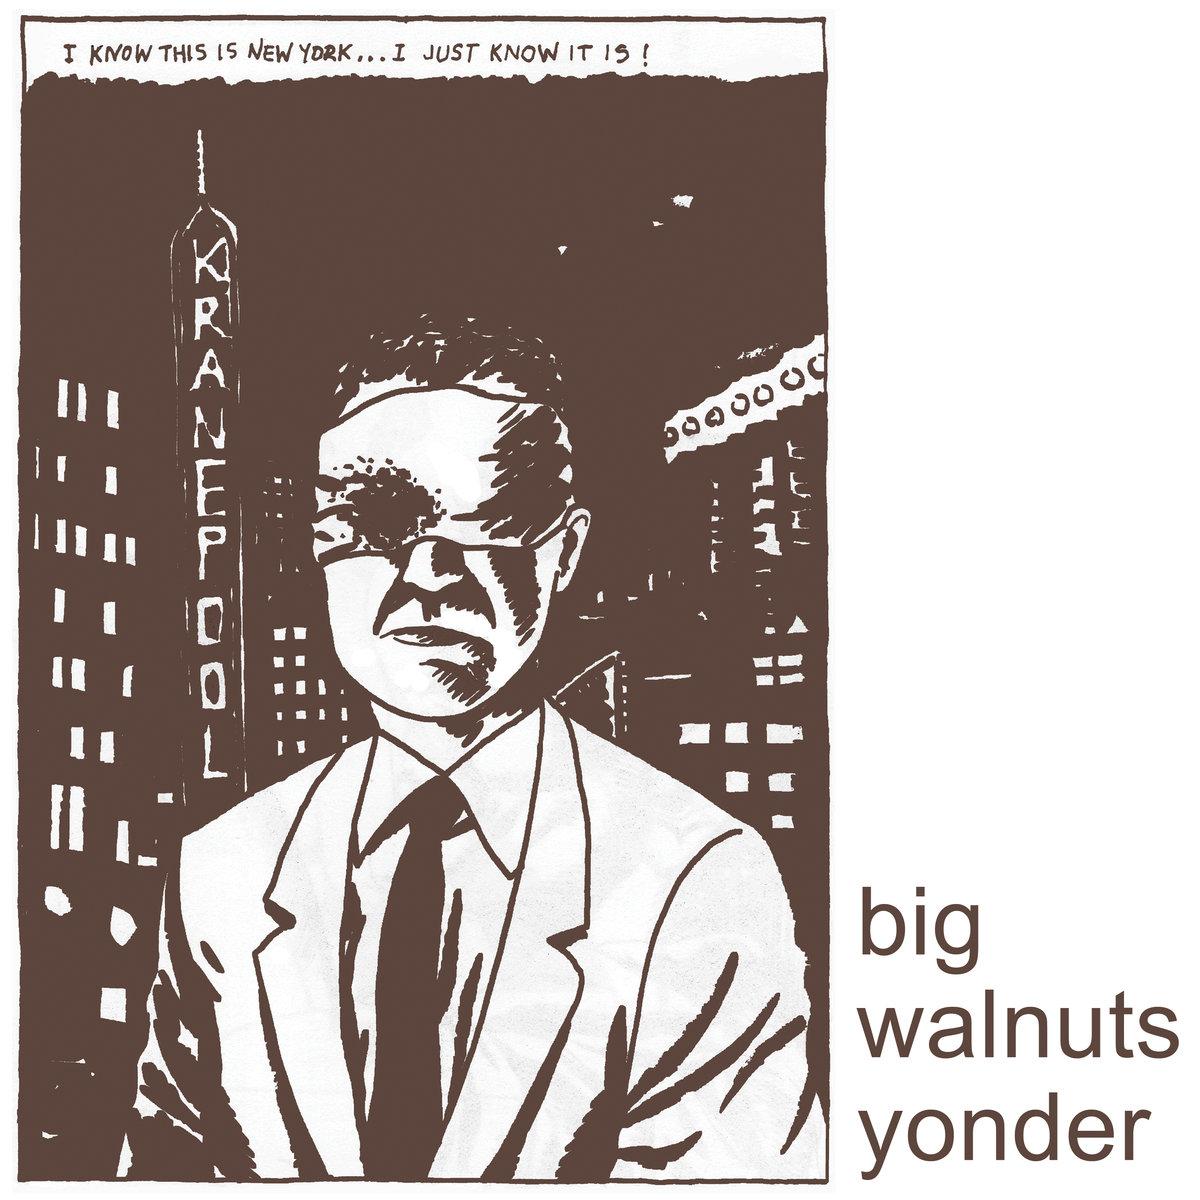 Big Walnuts Yonder - Big Walnuts Yonder